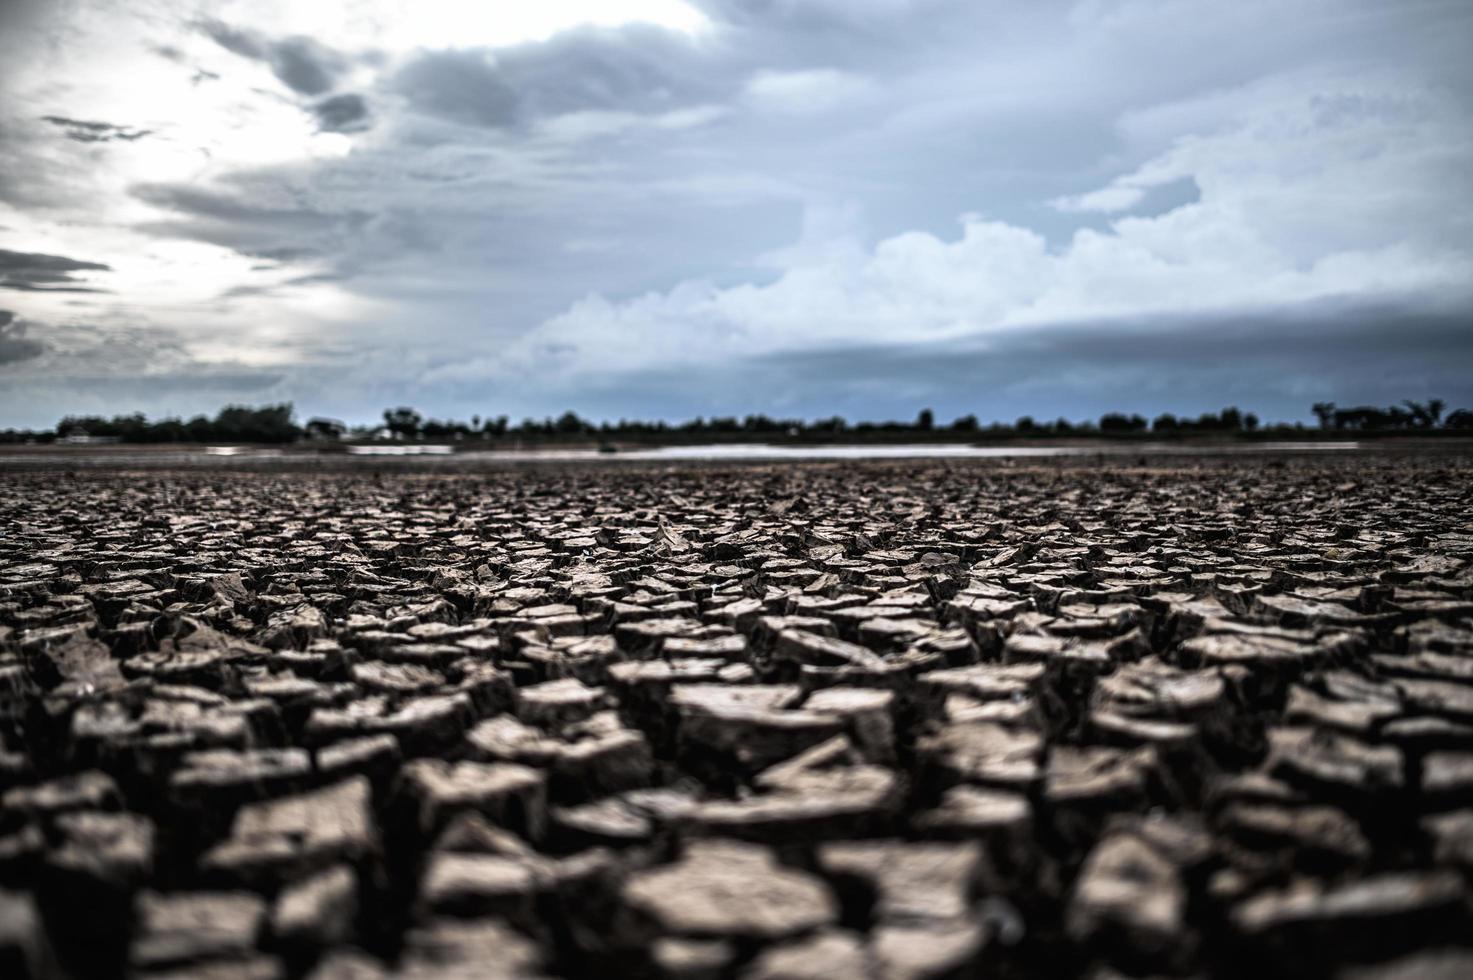 terra árida com solo seco e rachado foto